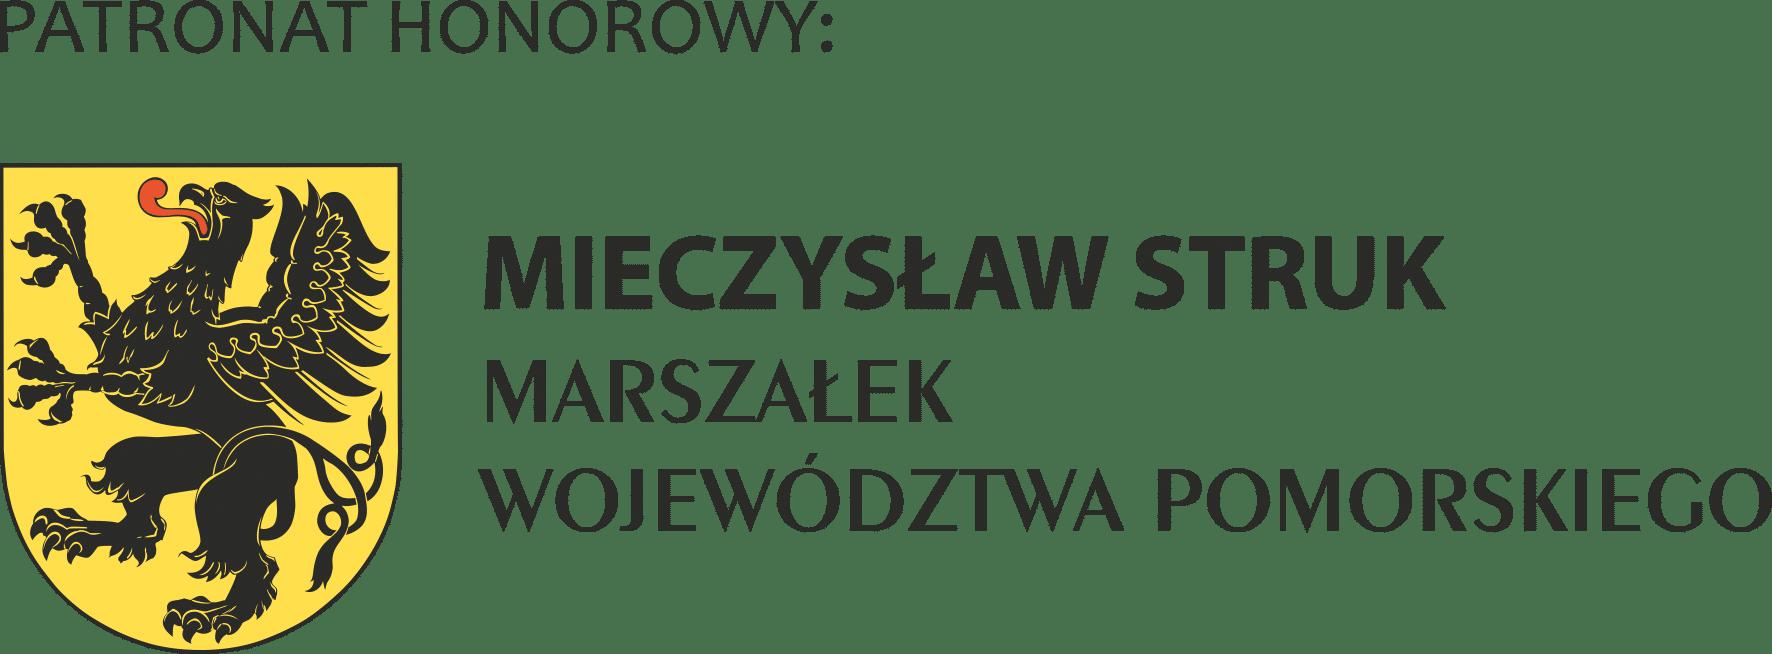 Marszałek Mieczysław Struk - patronat honorowy